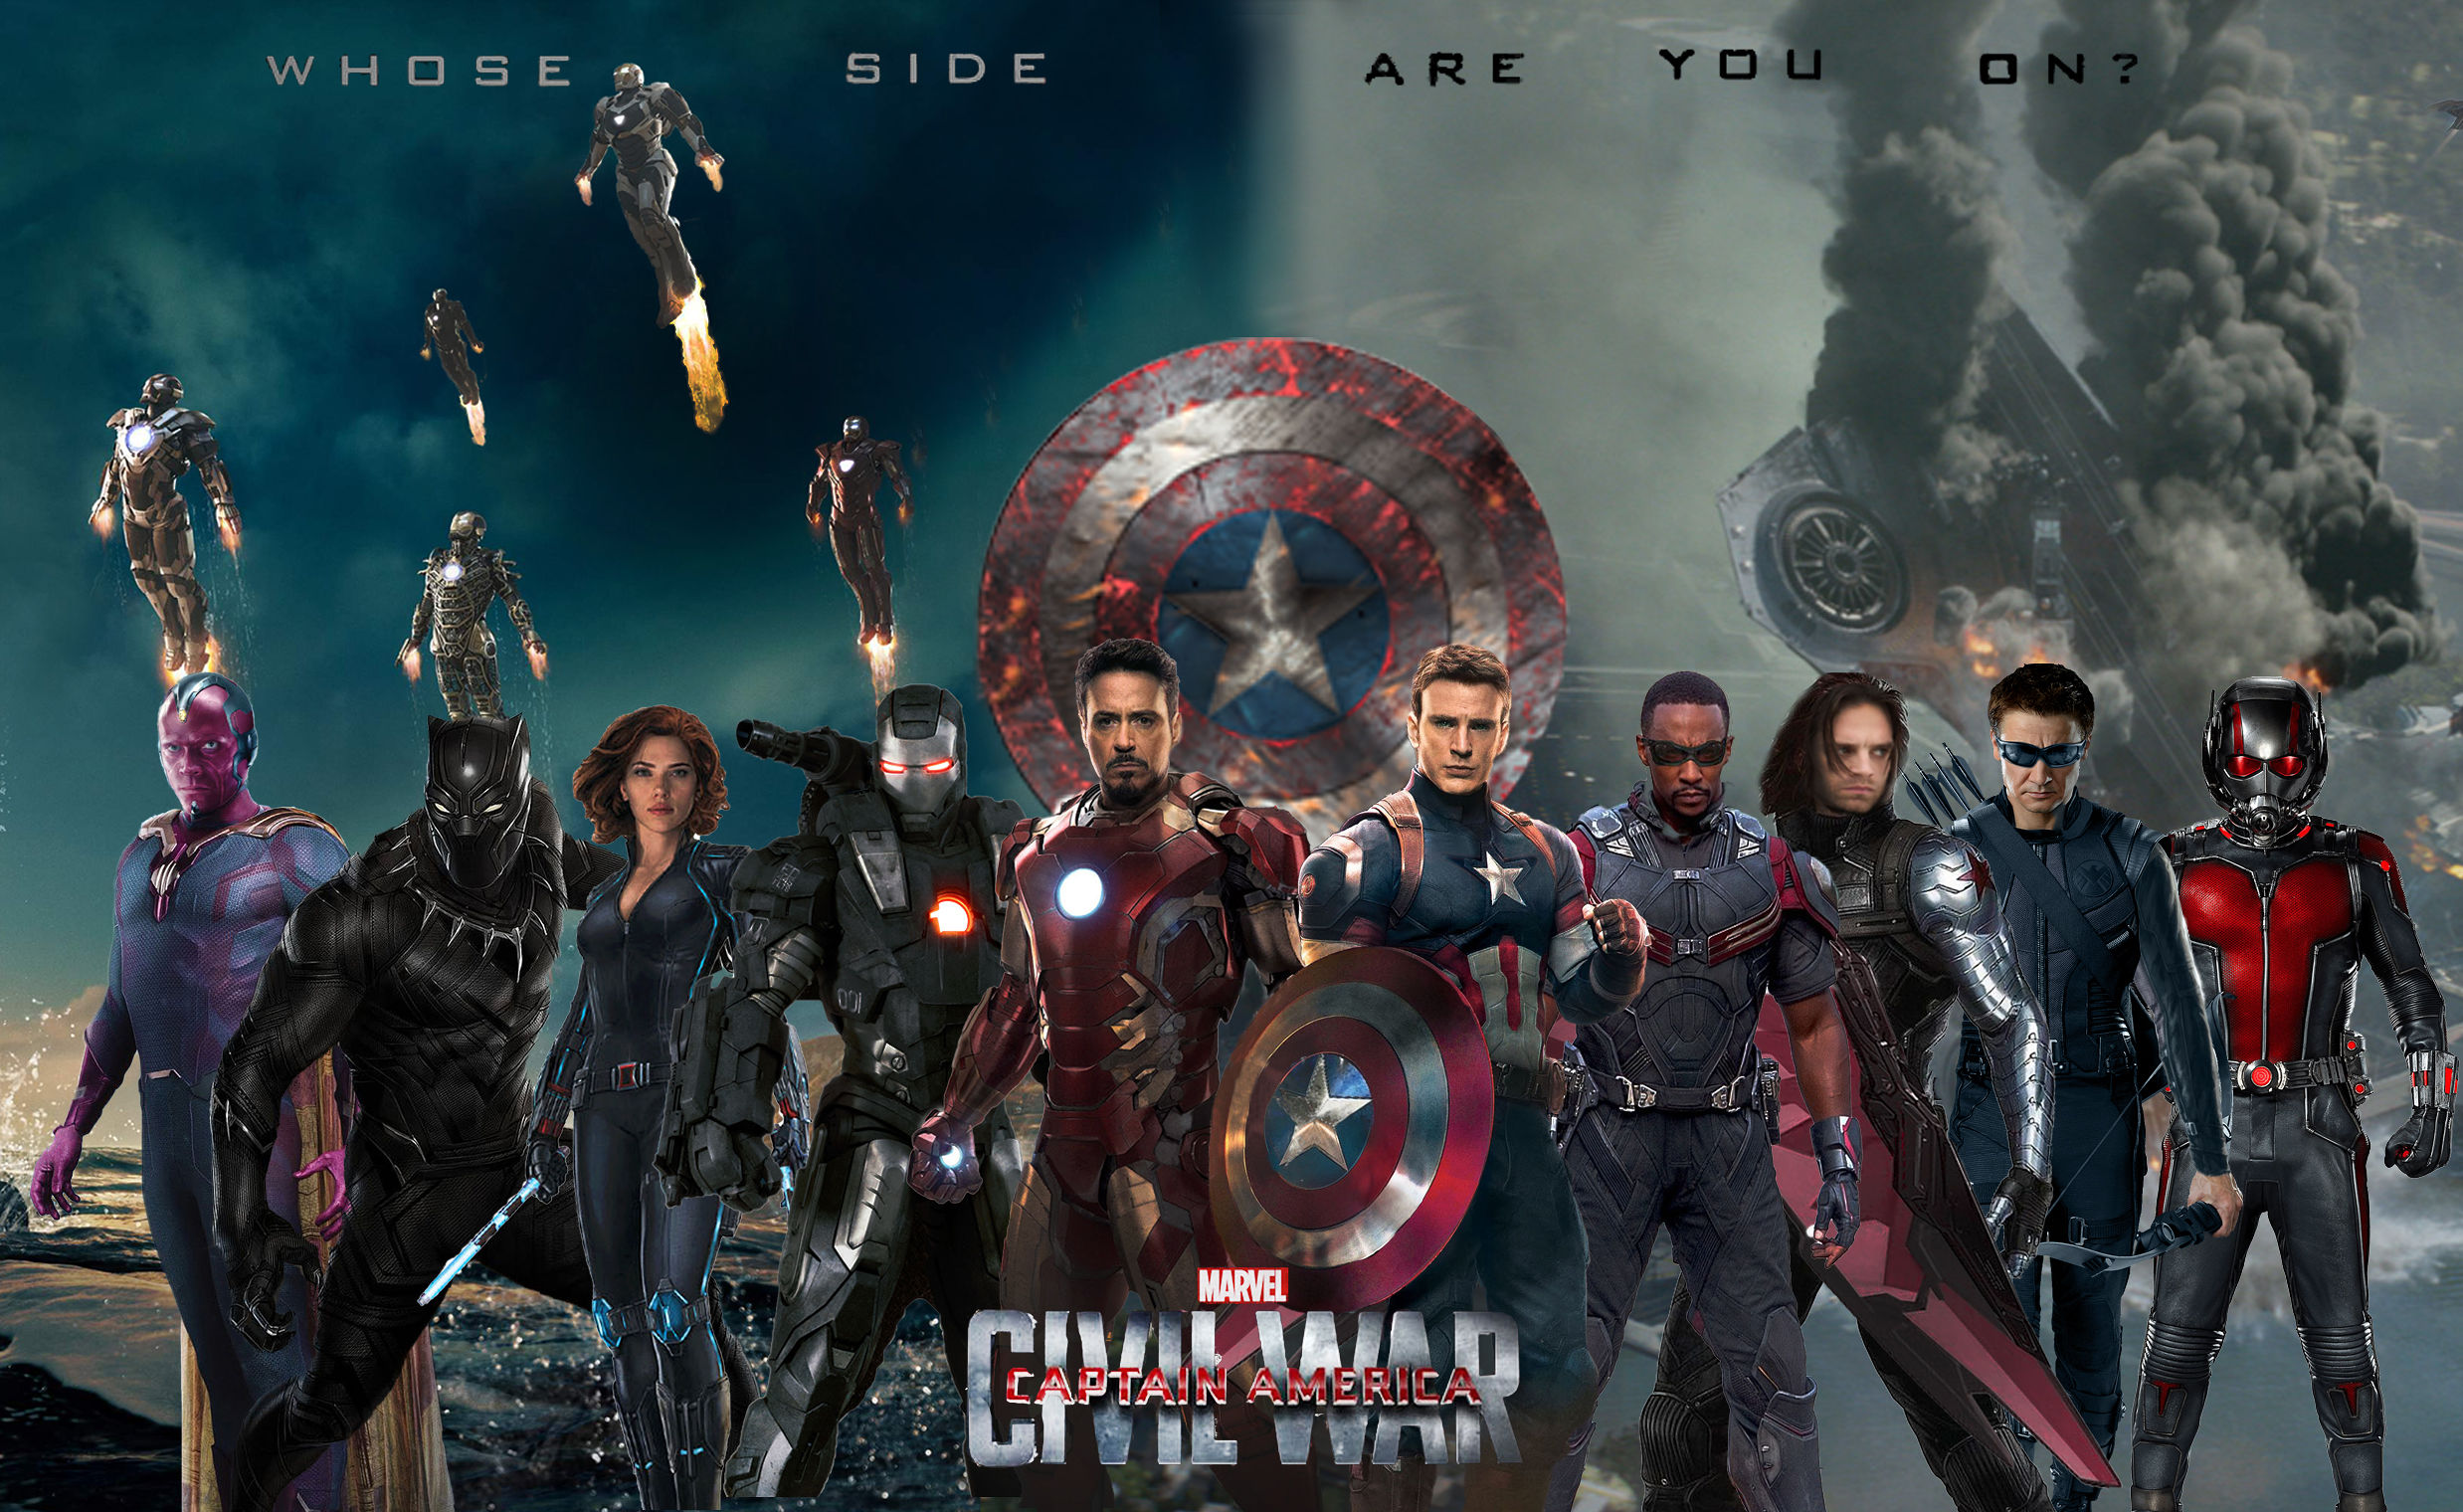 Captain America: Civil War Wallpaper(more) - moviepilot.com